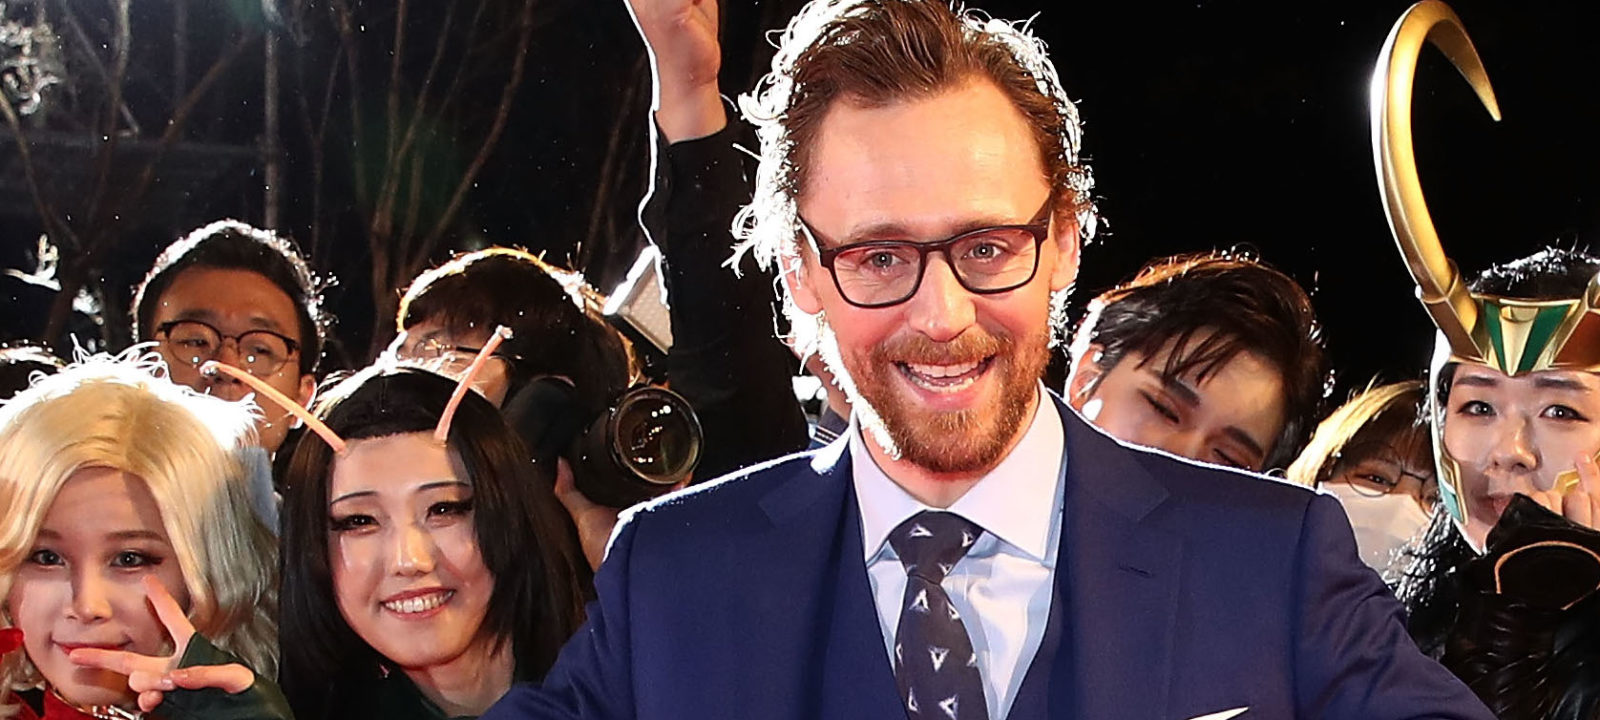 'Avengers Infinity War' Premiere In Seoul